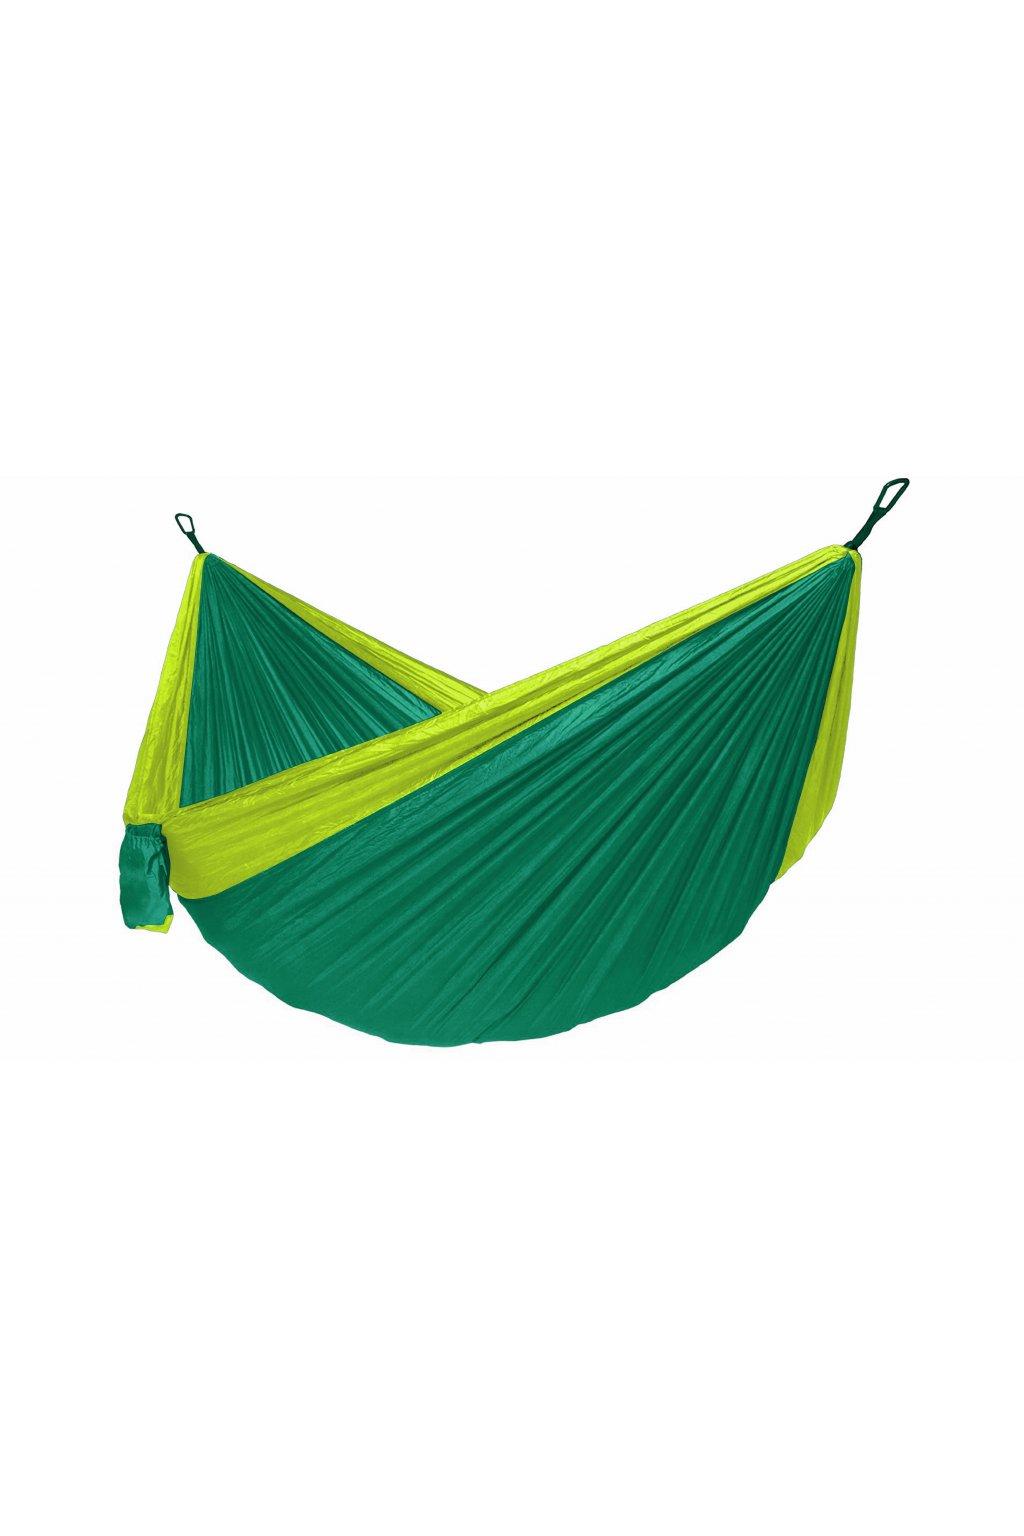 Hamaka zelena